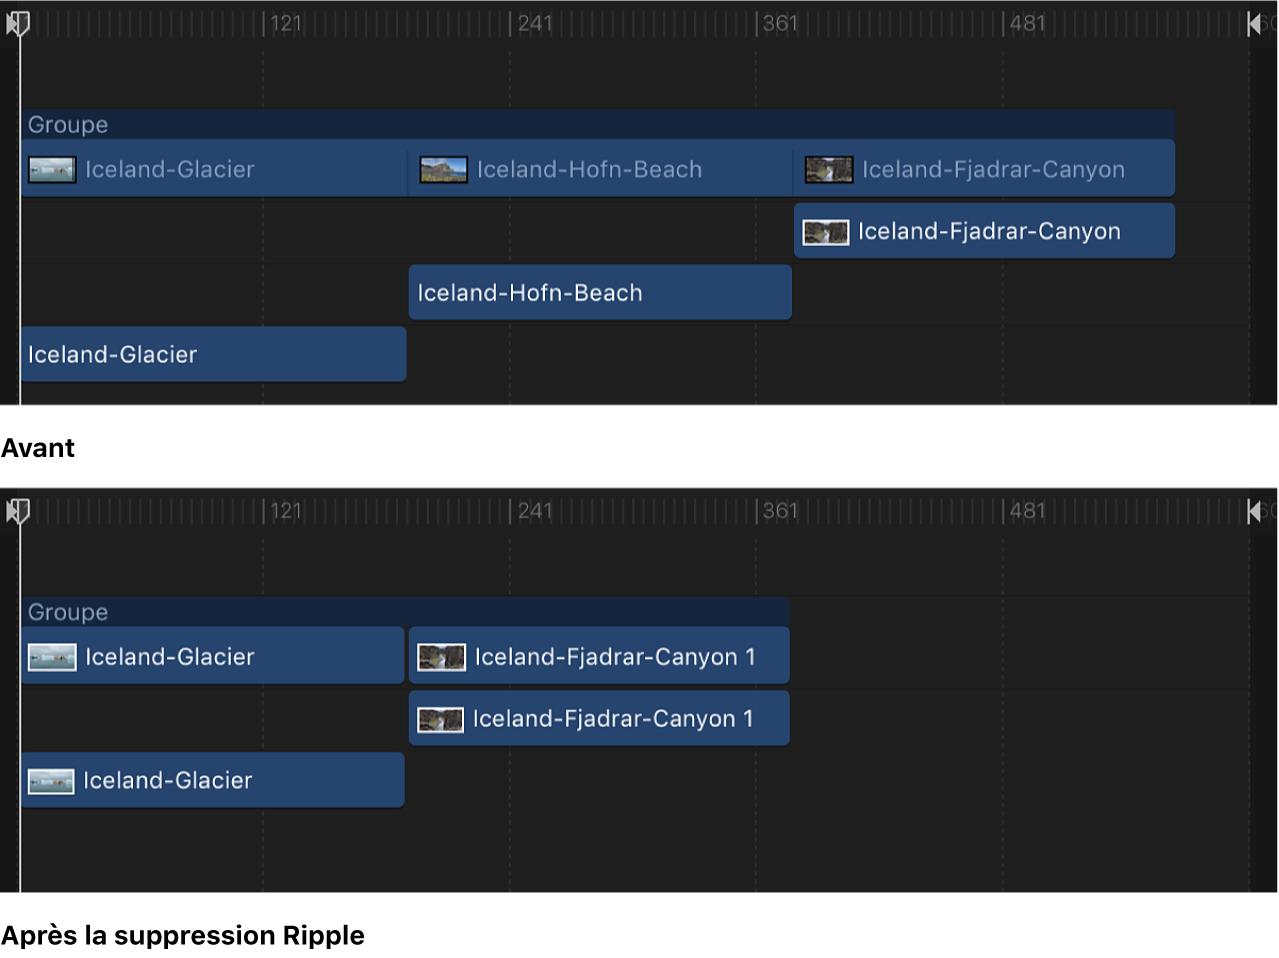 Timeline affichant trois objets, puis l'un de ces objets auquel une suppression ripple est appliquée